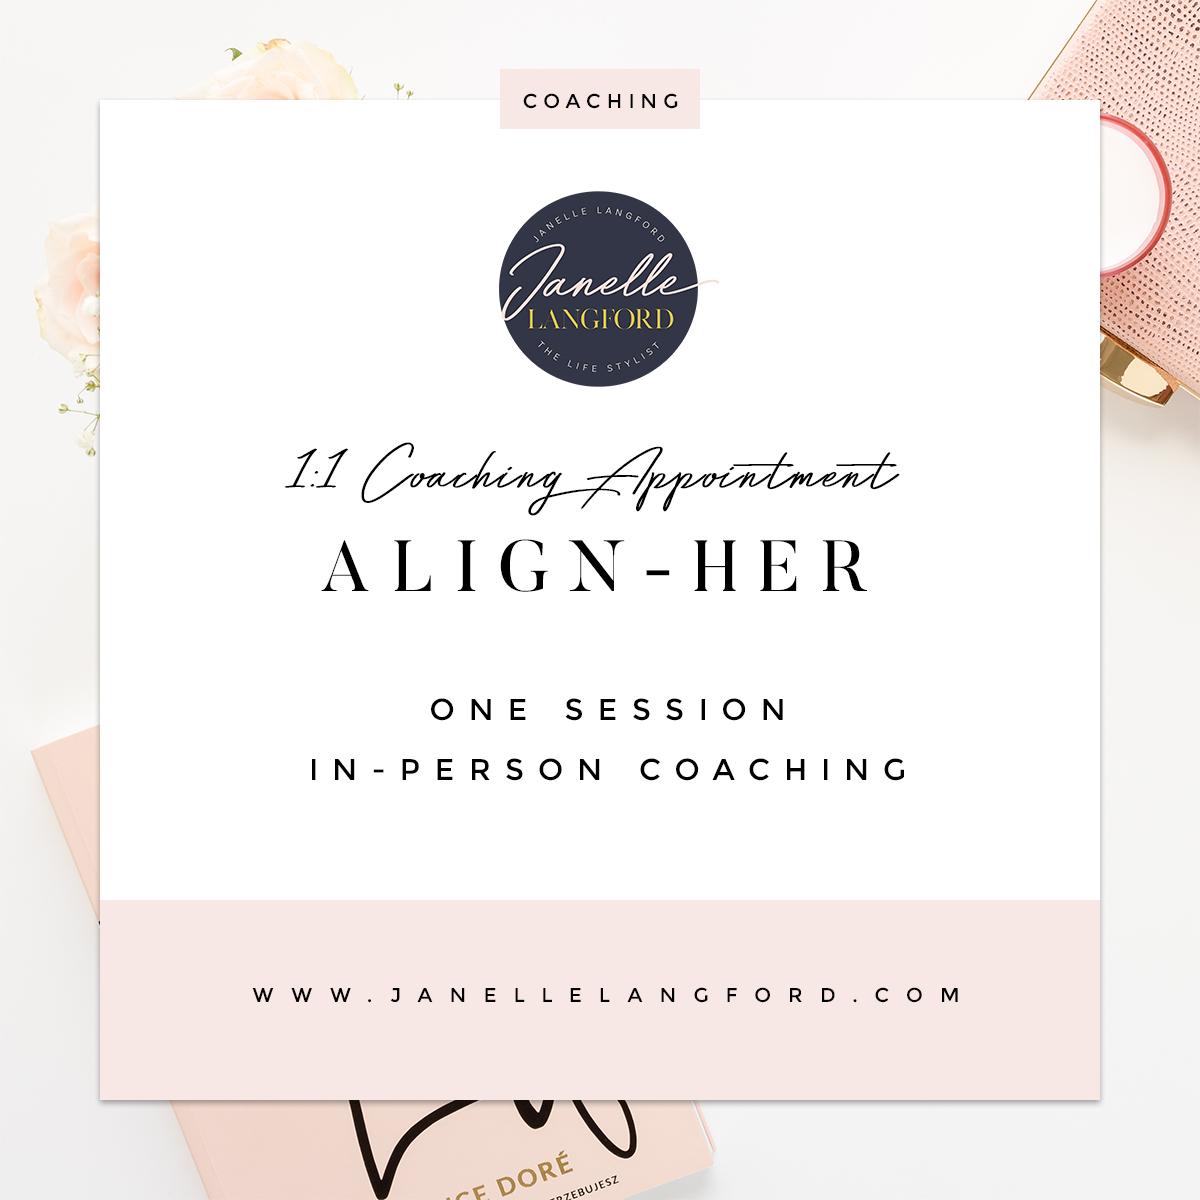 align-her.jpg